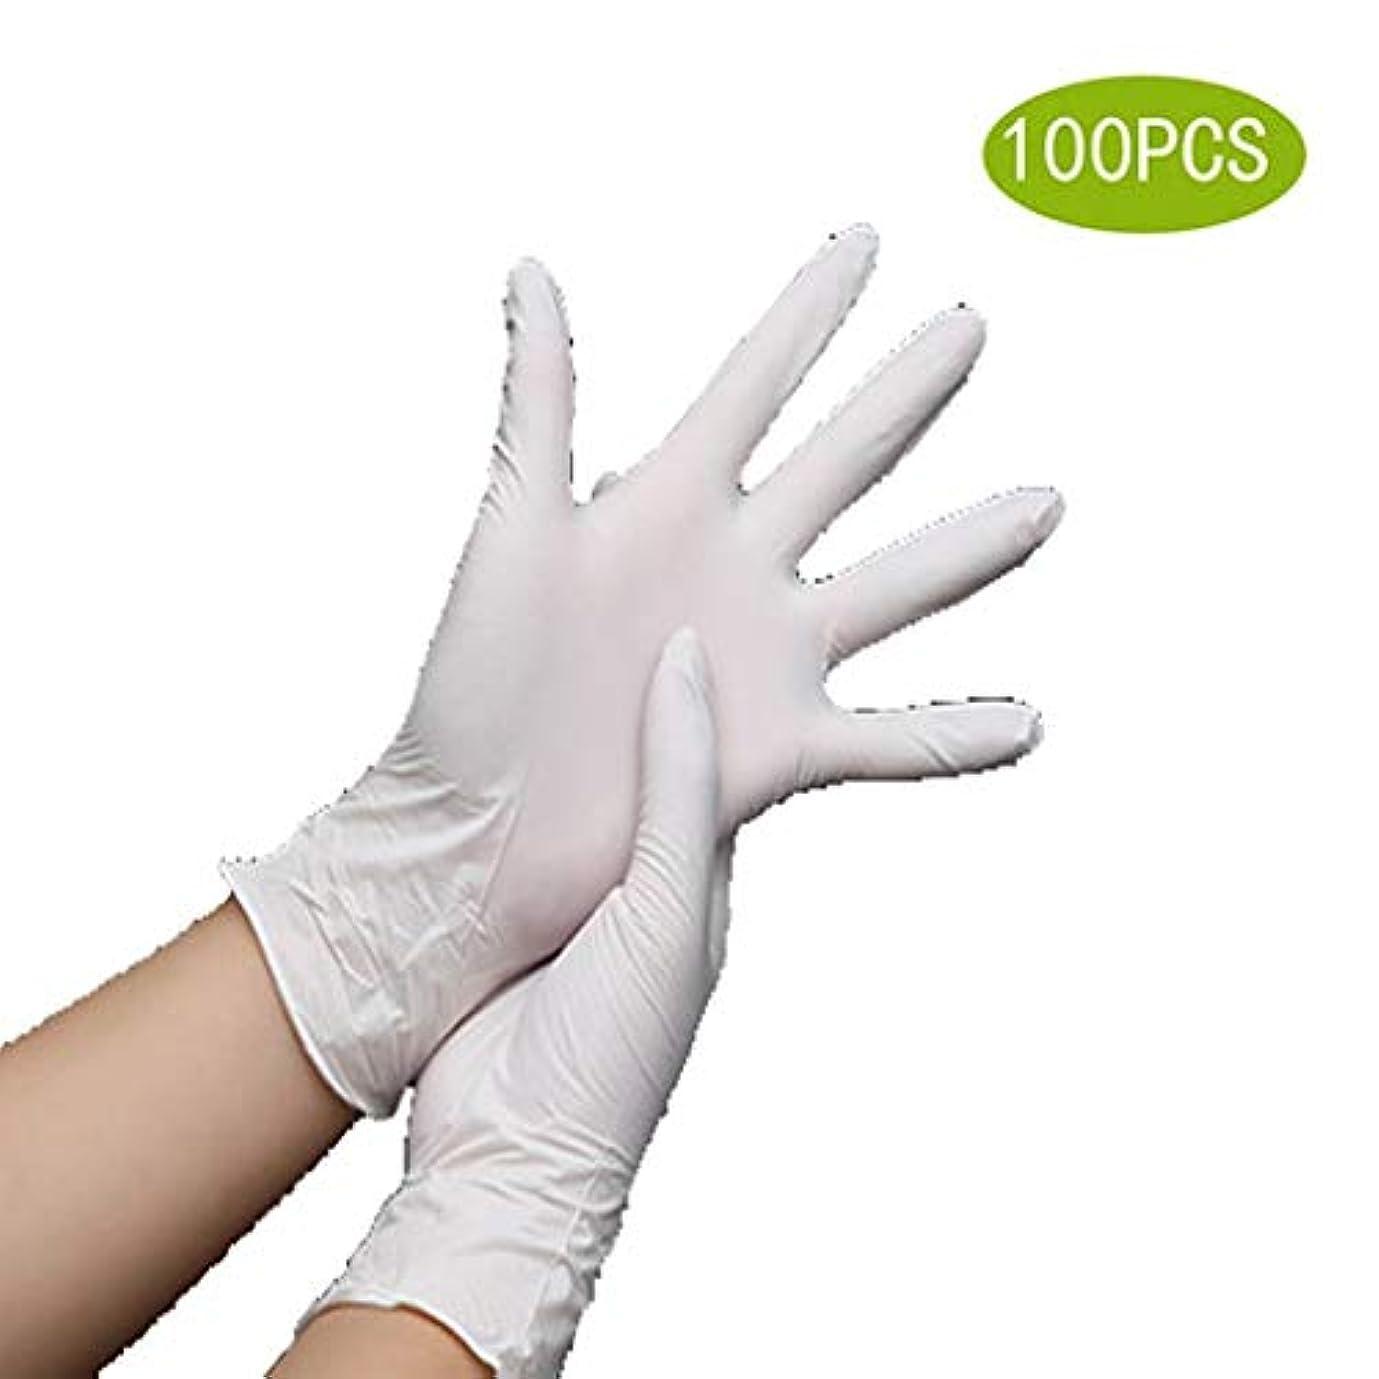 ウルル成功する海外でニトリル使い捨て手袋、3ミルの厚さ、質感の指先(100箱) (Color : White, Size : S)